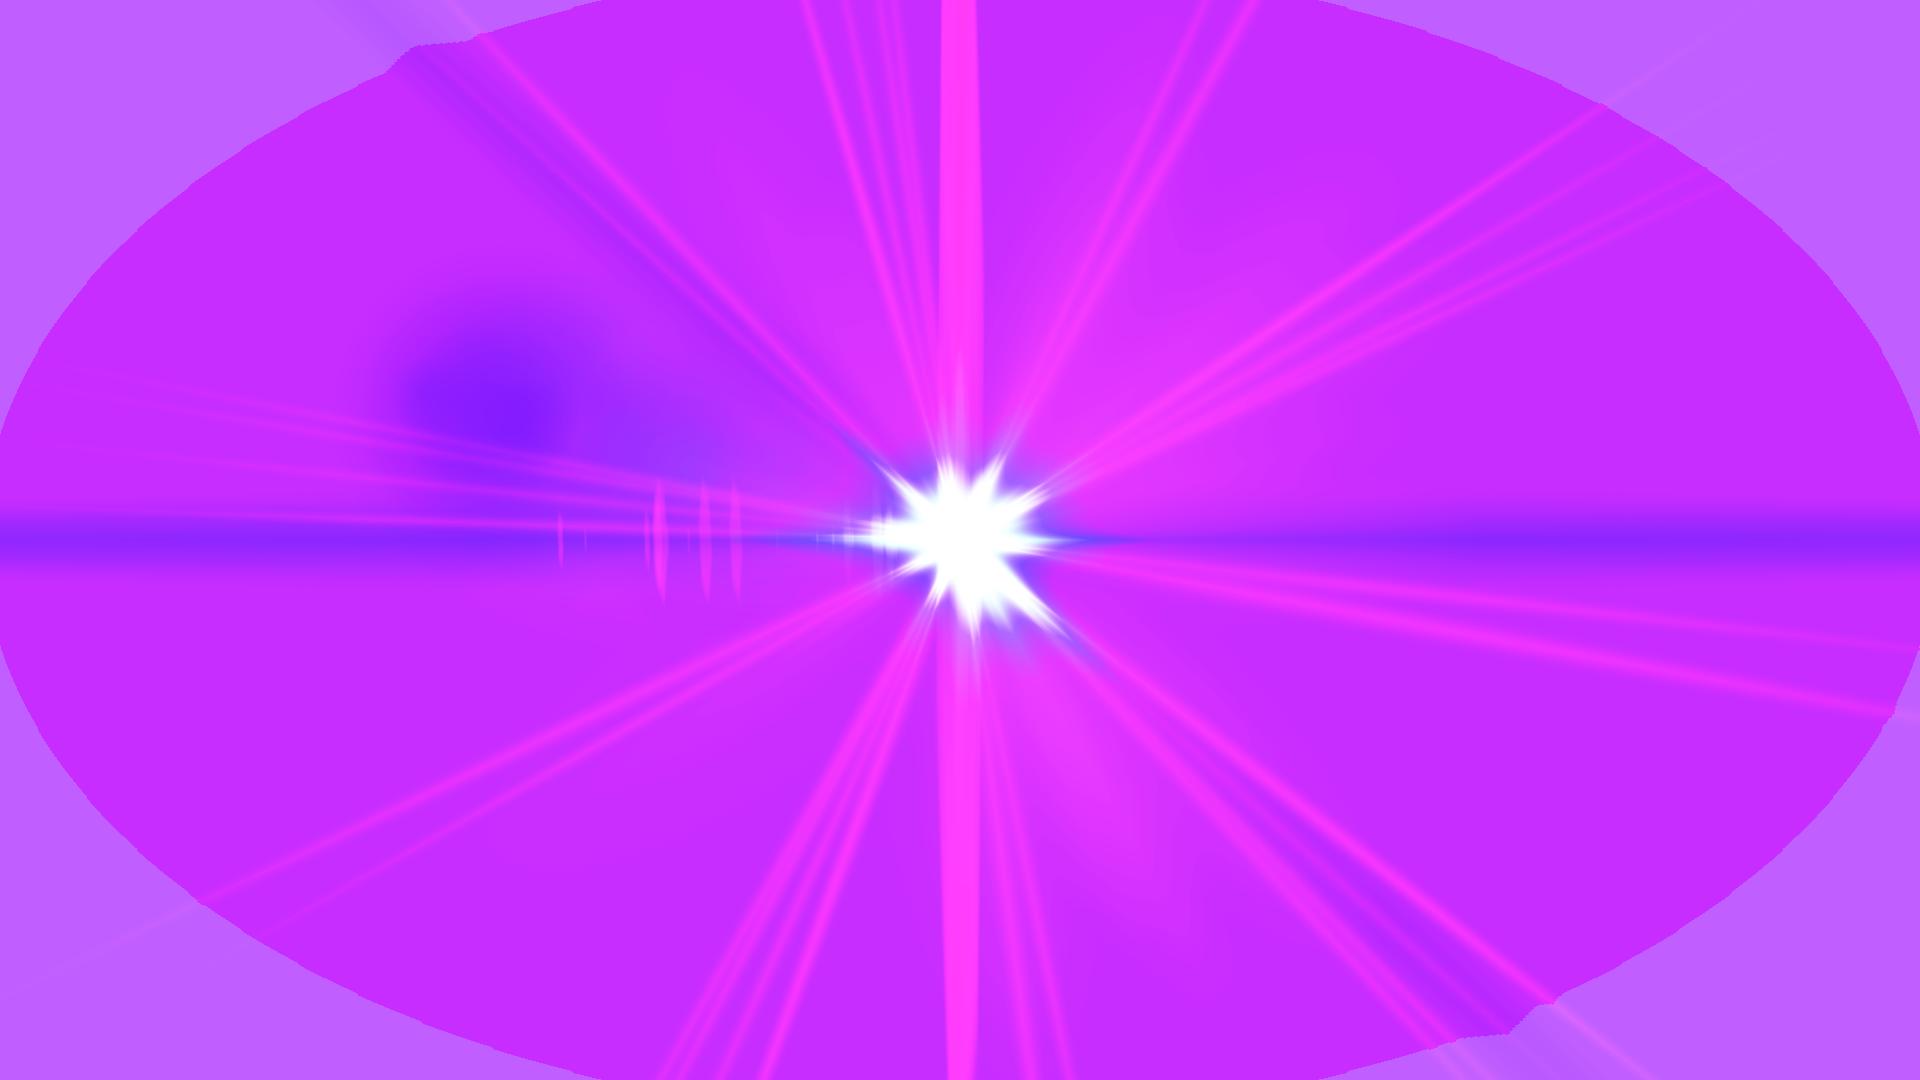 Laser Eyes Meme Maker (Glowing Eyes).